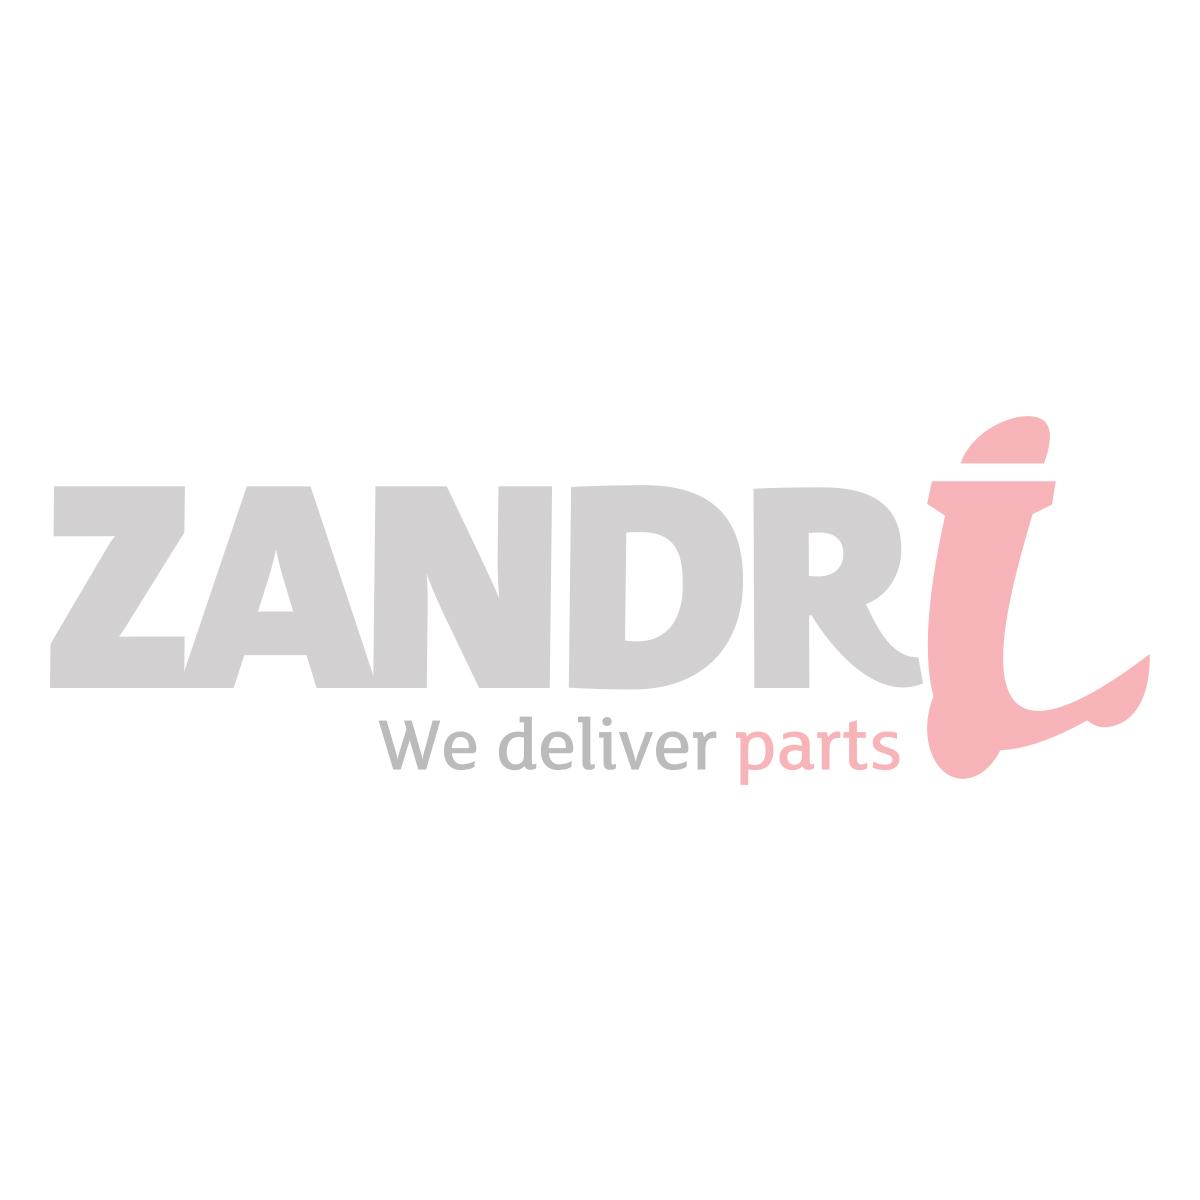 rubber onderstandaard centro 4t orig 07216900